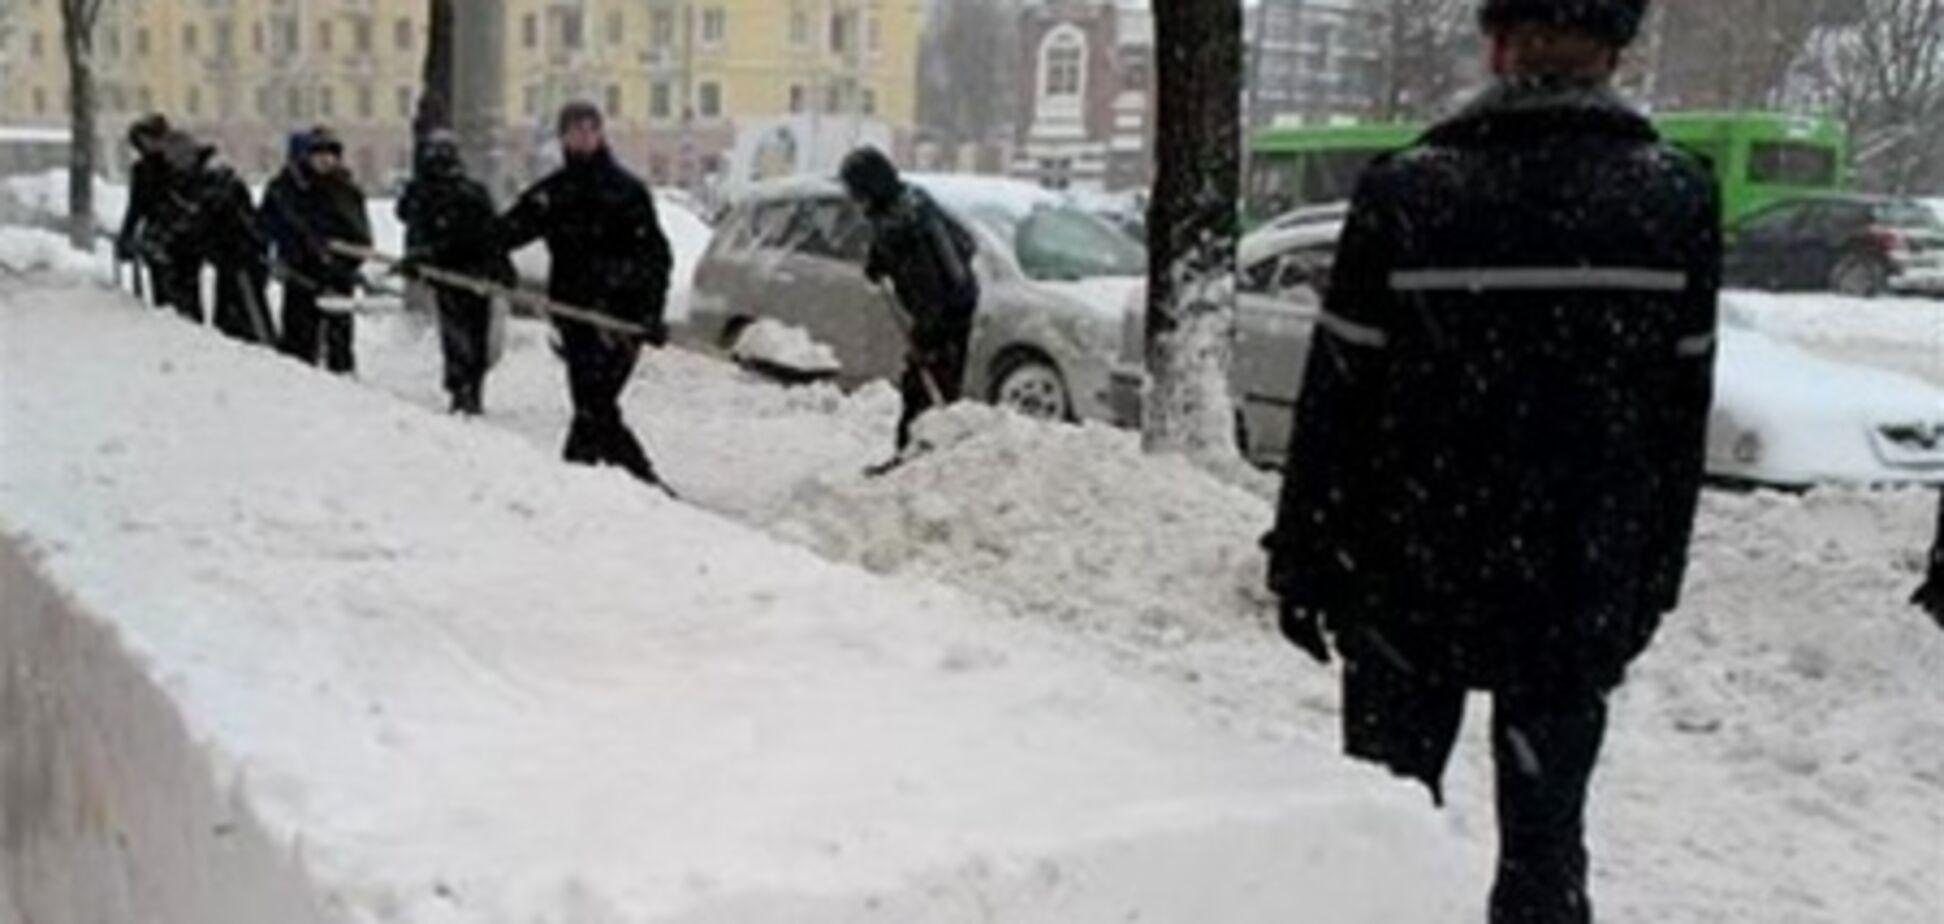 Из-за стихии для помощи украинцам привлечены 45 тыс. милиционеров